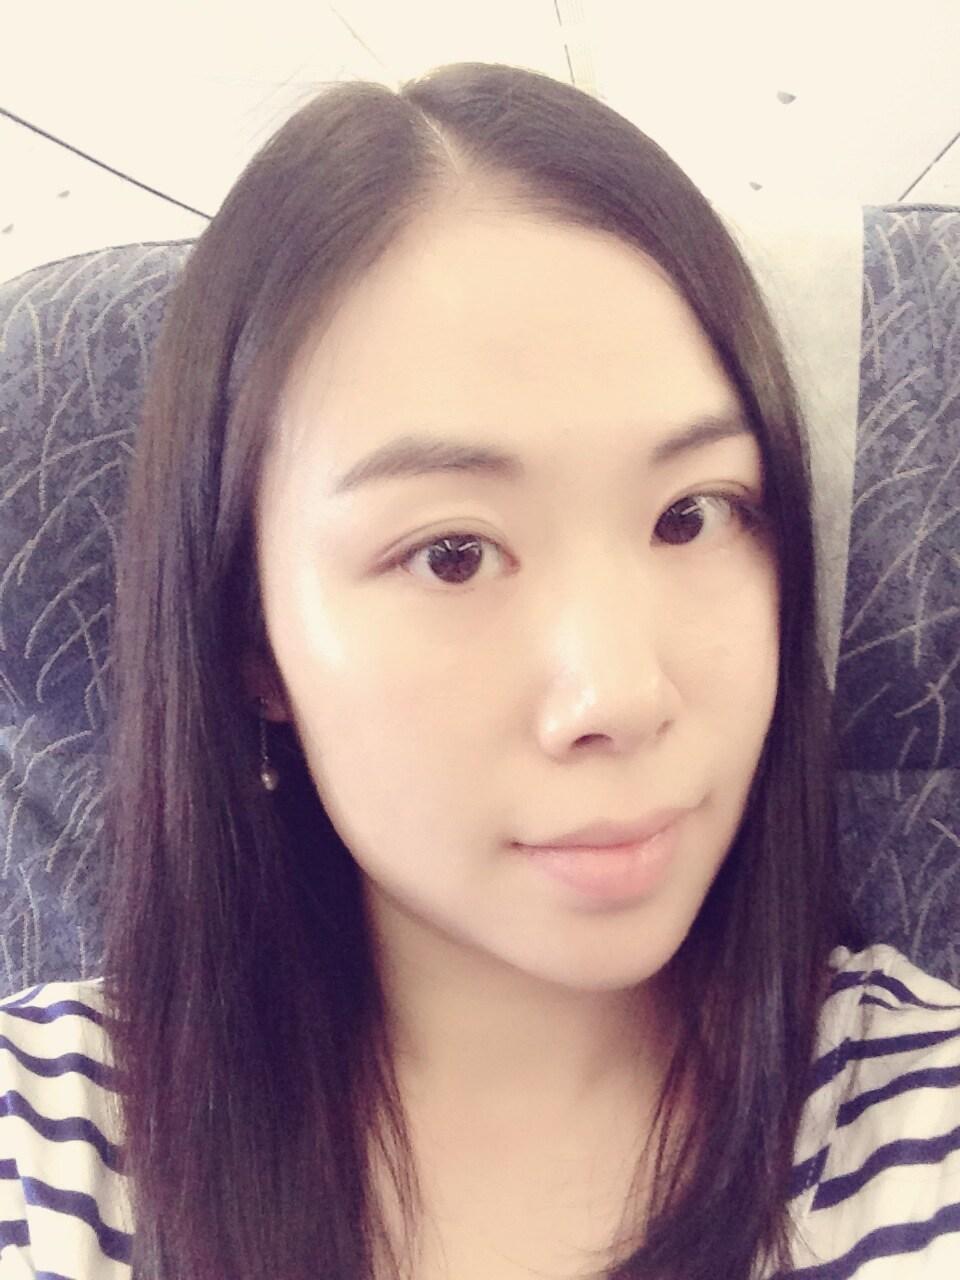 Yuan From China